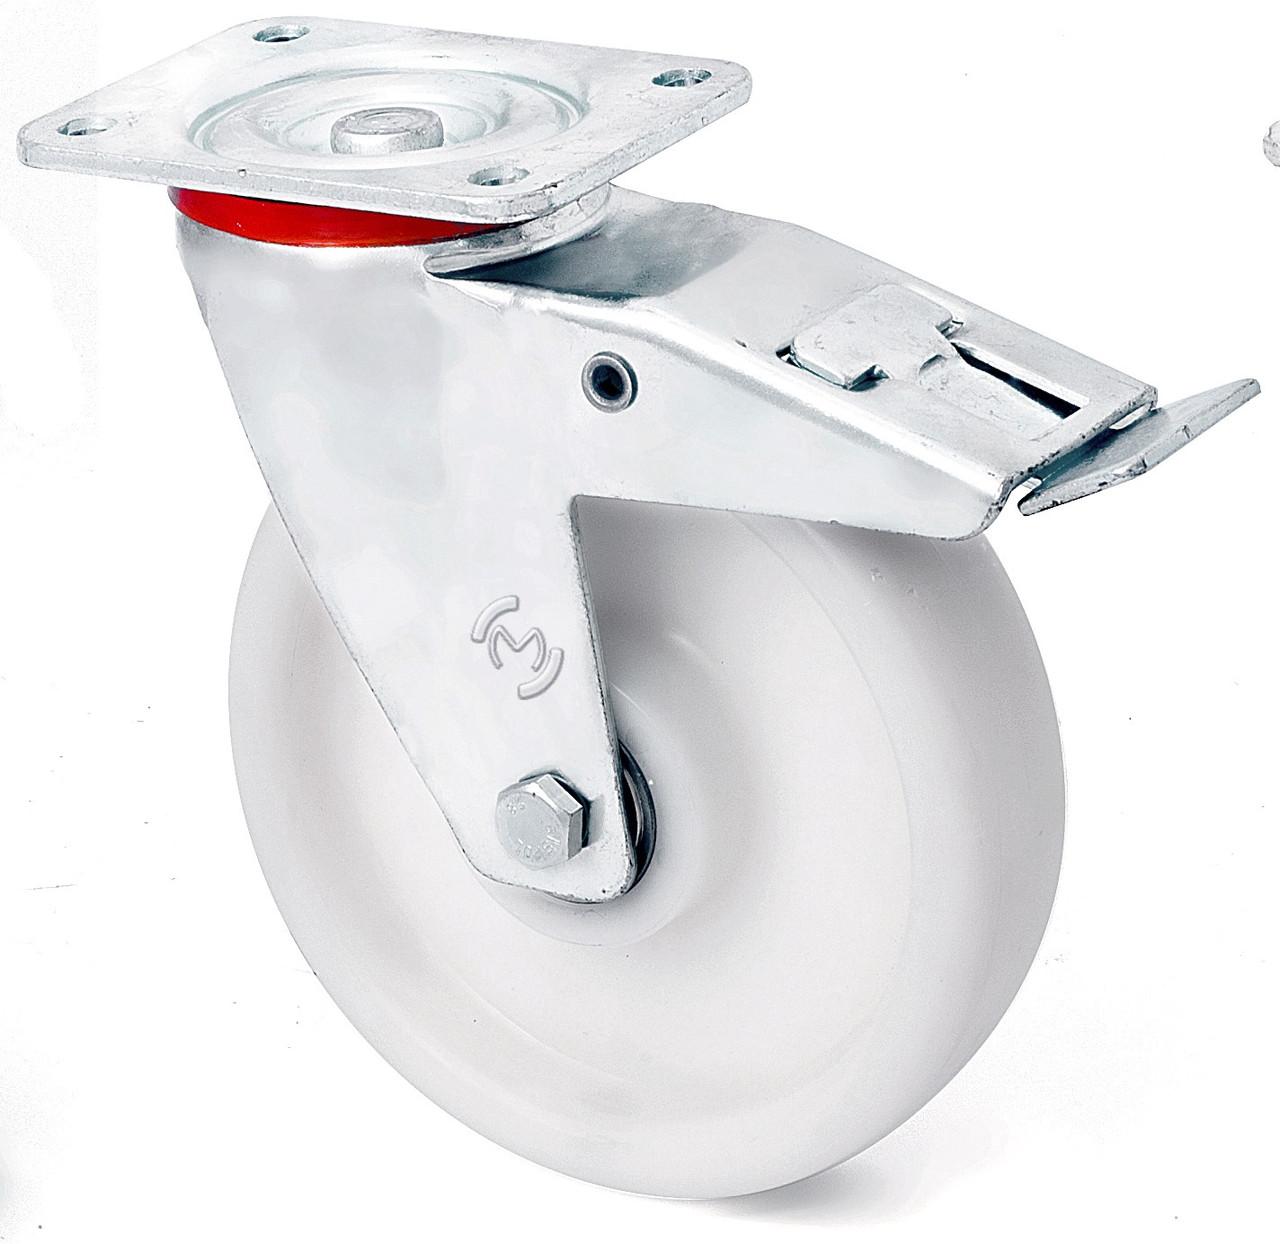 Поворотные большегрузные колеса из полипропилена с тормозом 2304-ST-200-B